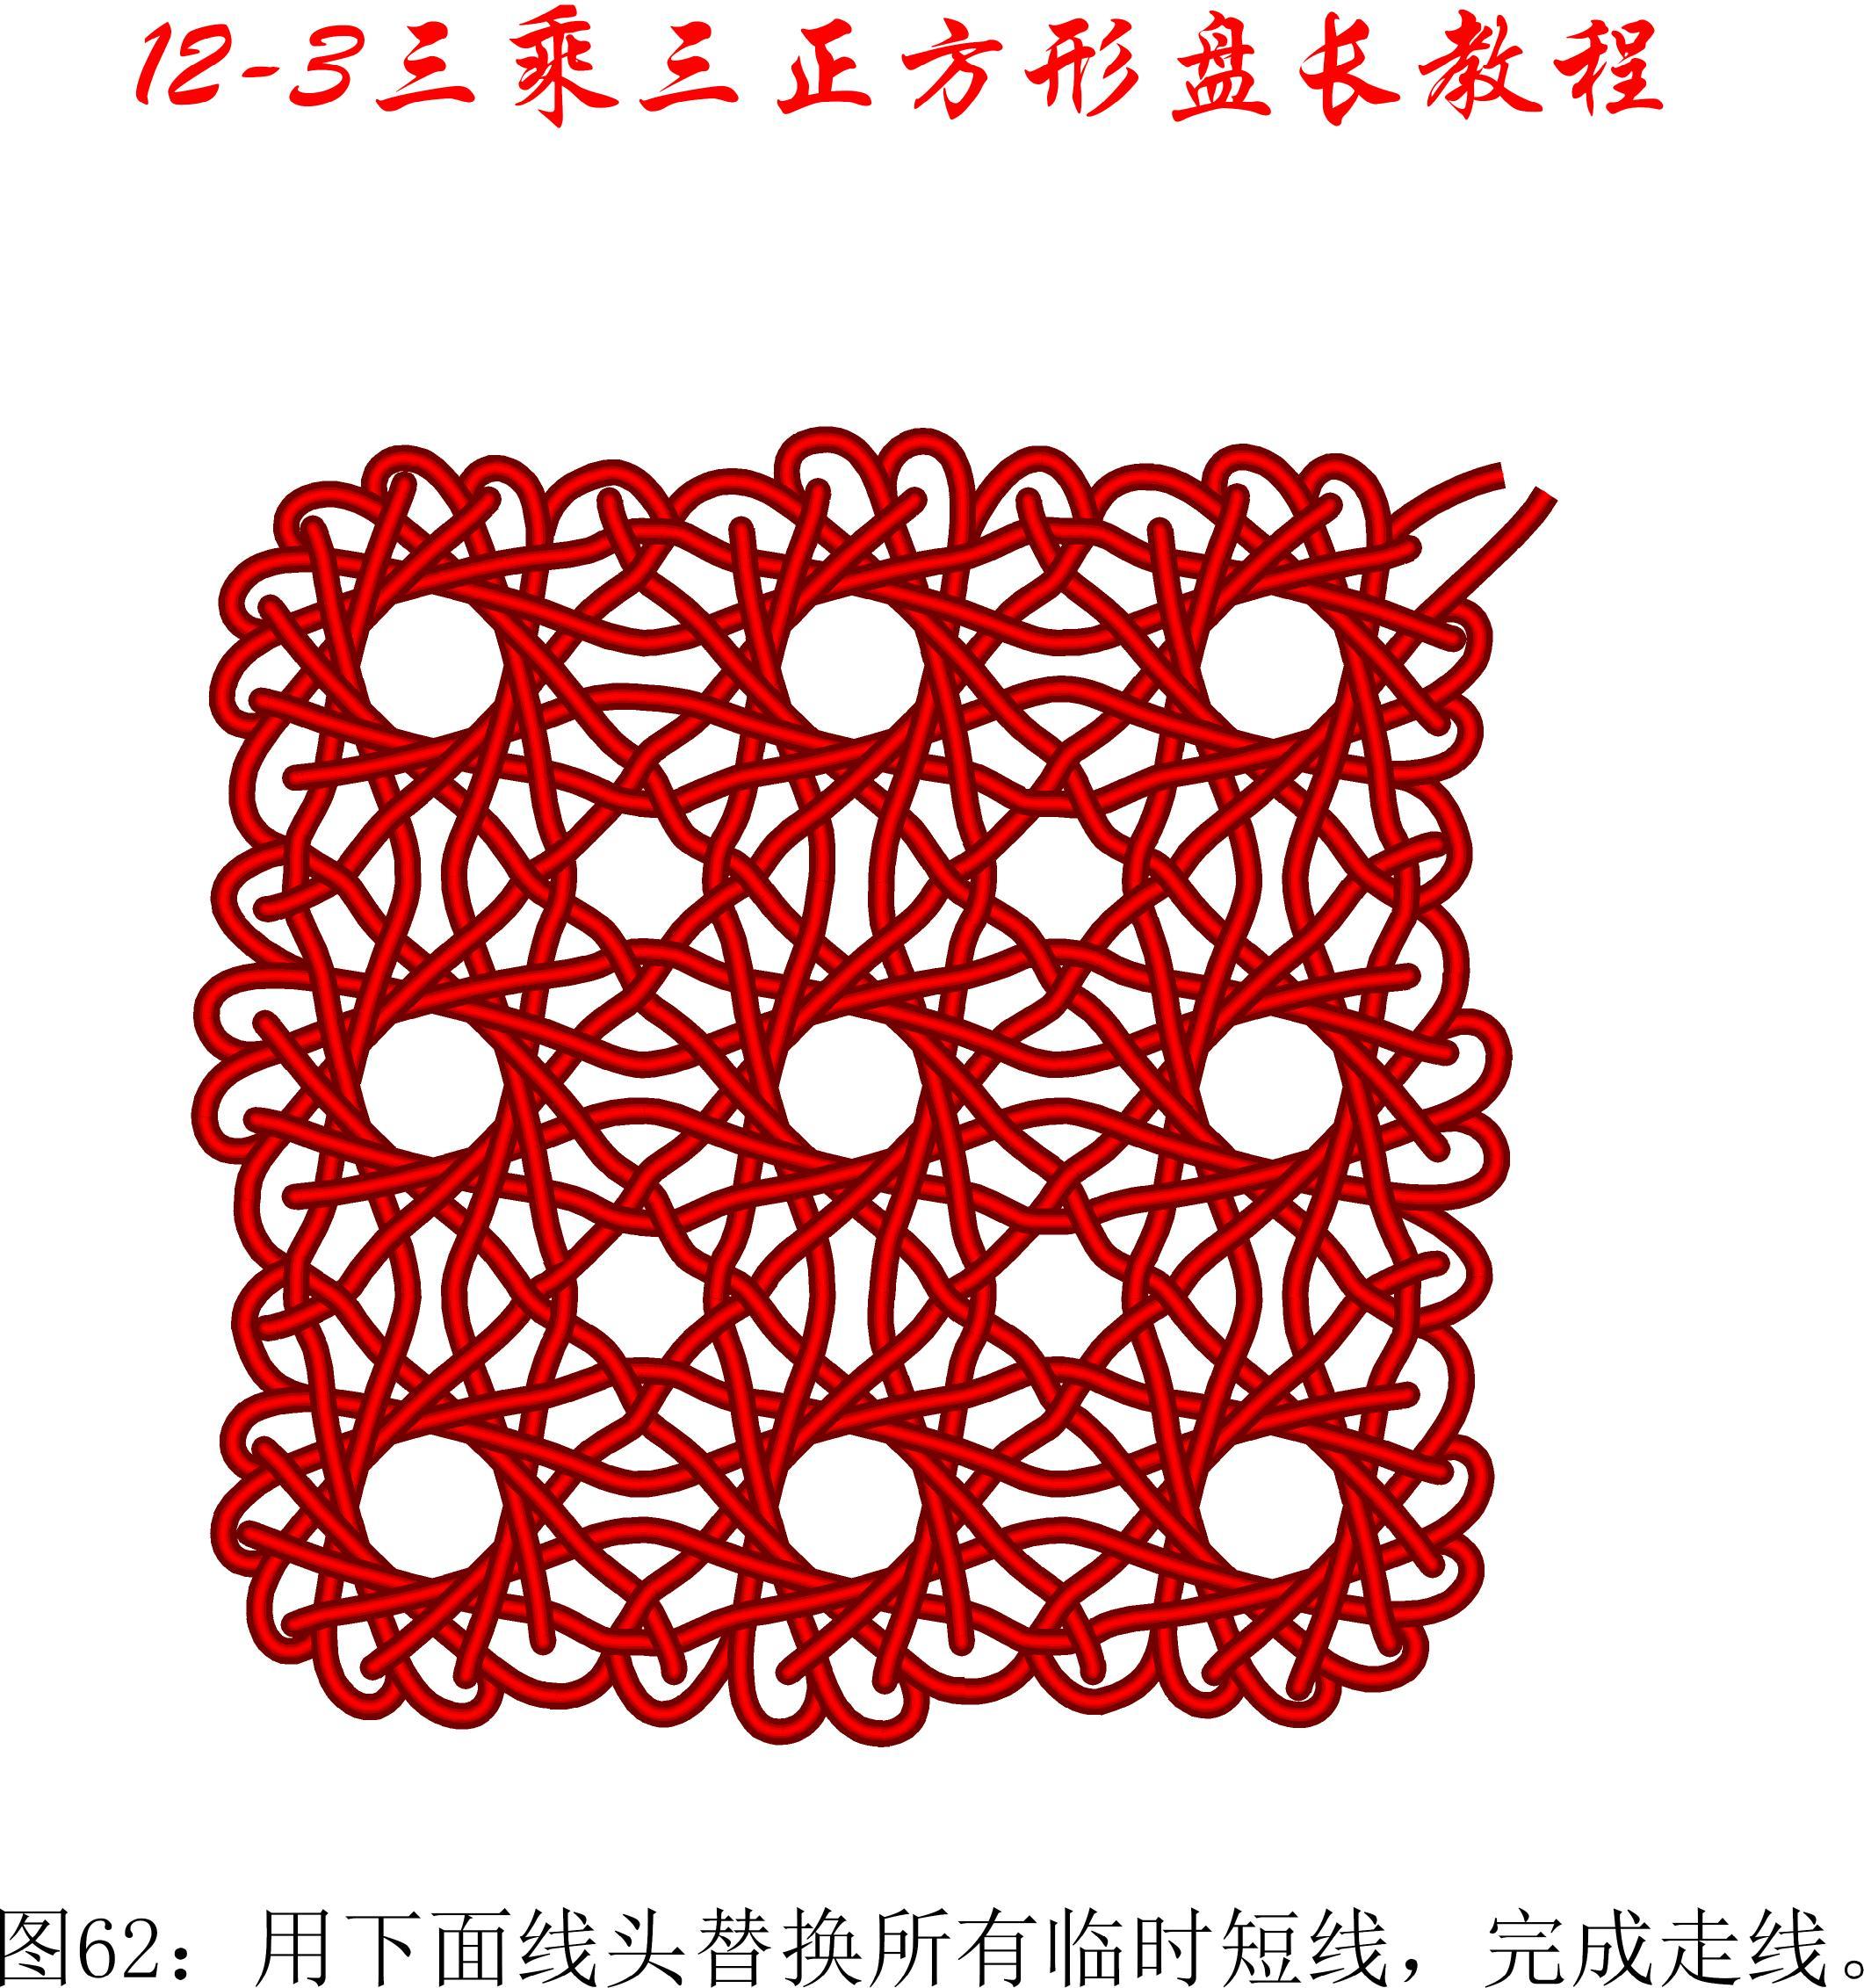 中国结论坛 12-3盘长平行扩展方法---3乘3方形盘长 方形,方形脸怎么办 丑丑徒手编结 093122tfe5fzmceqpwqefg